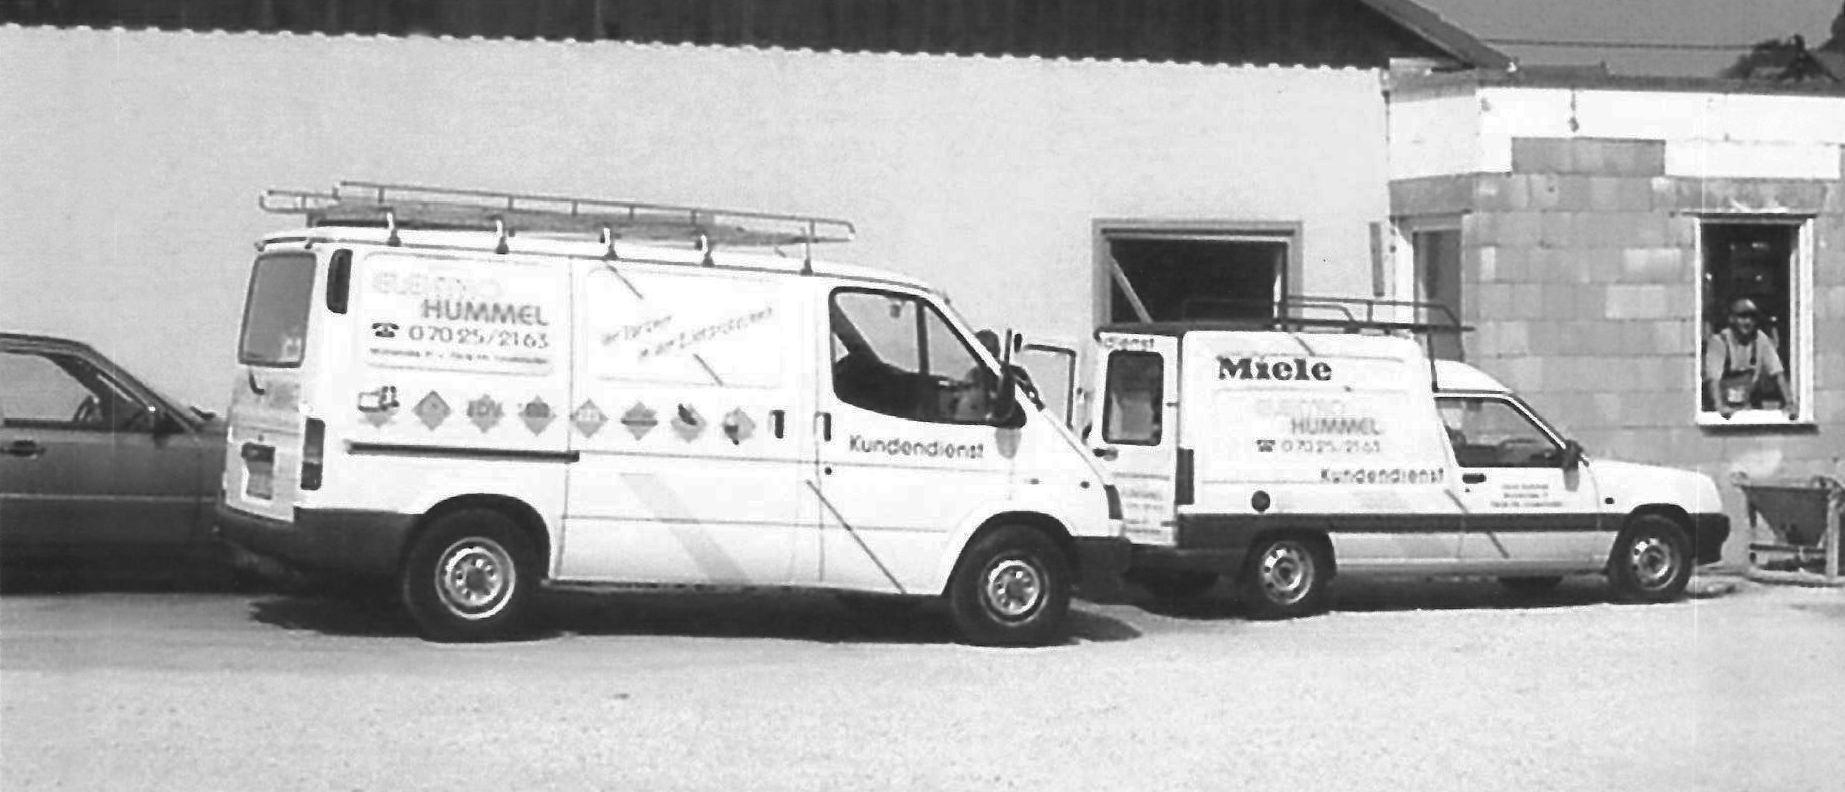 HUMMEL_Systemhaus_geschichte_Firmenauto_vor_Baustelle_schmal ...